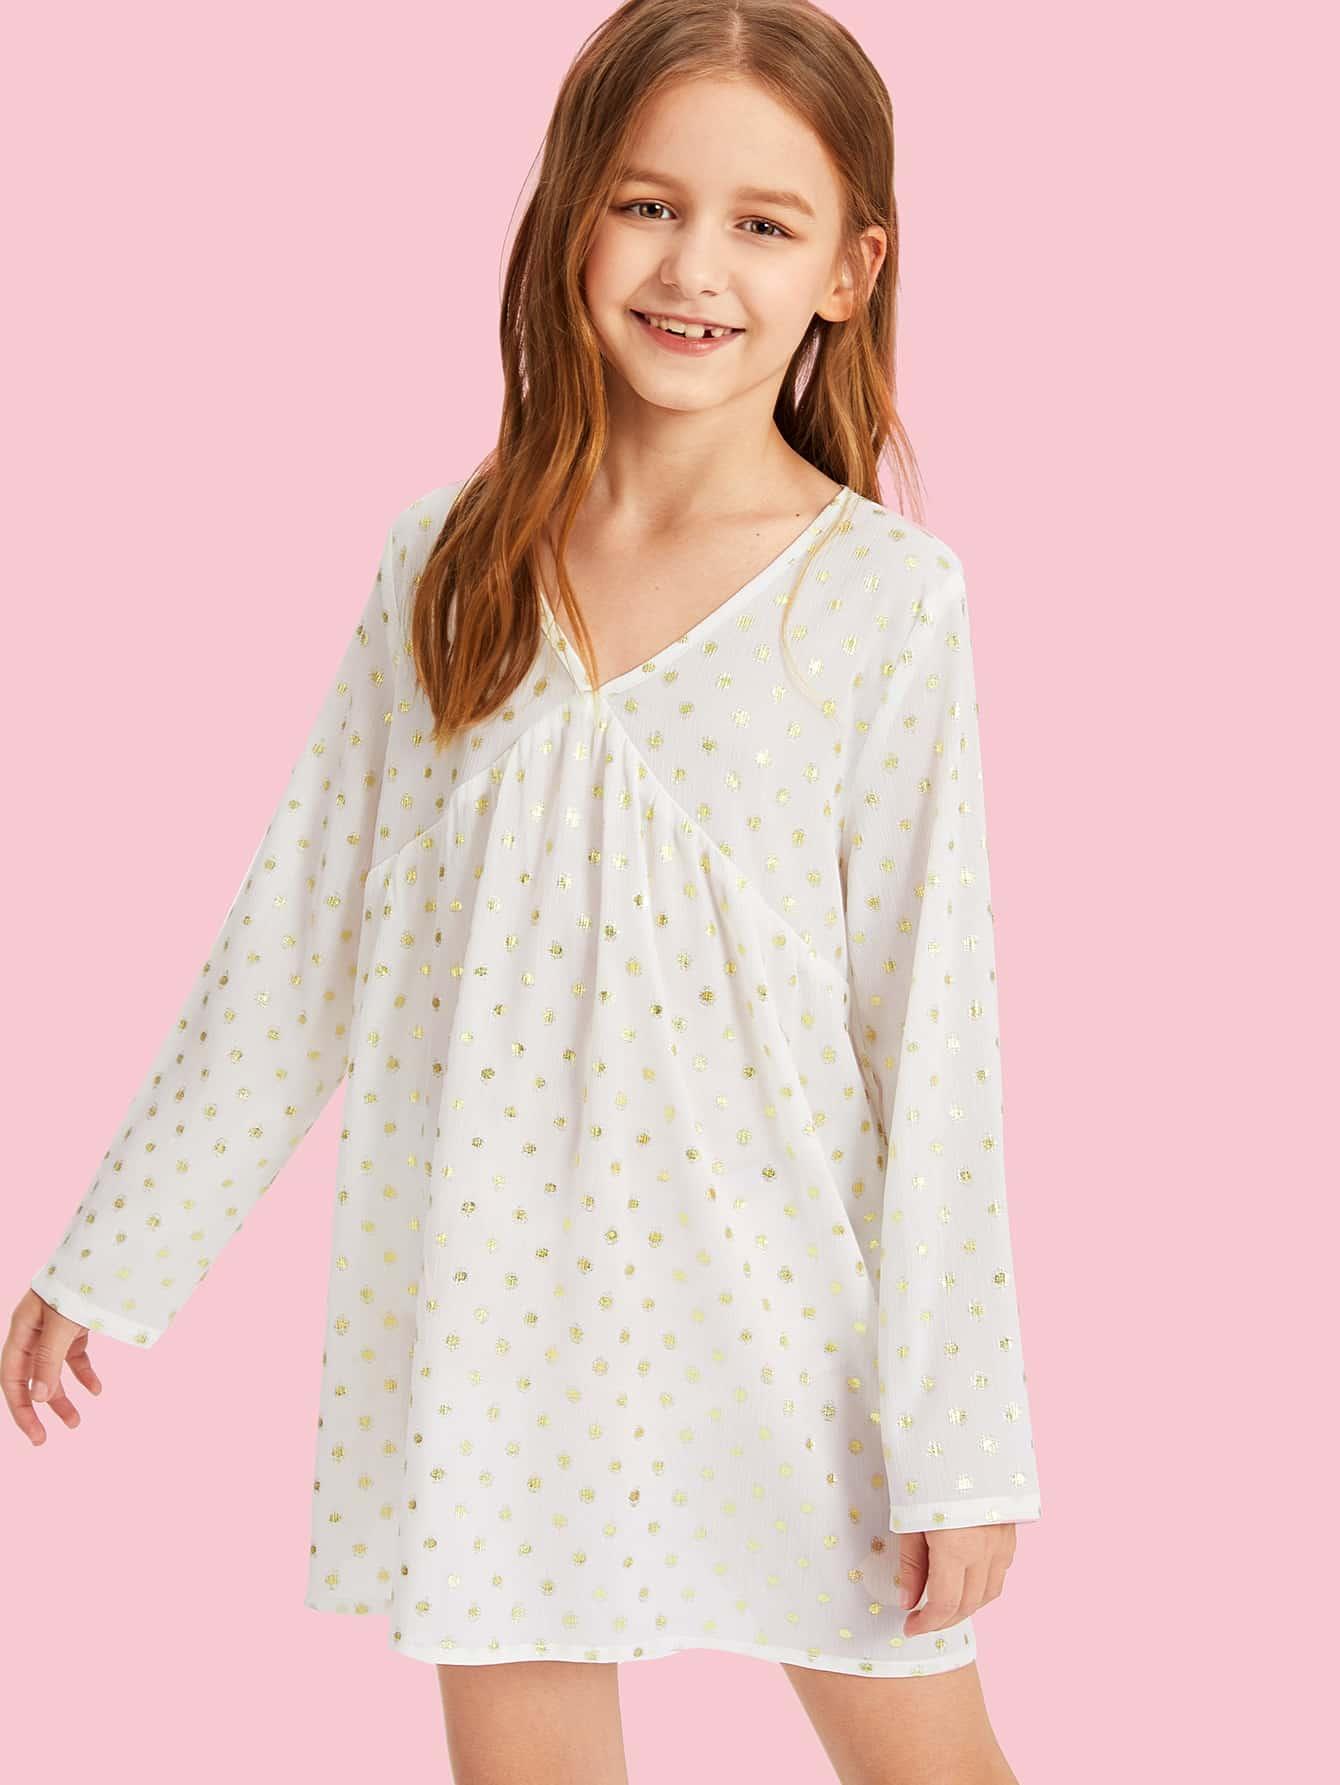 Купить Платье в горошек с v-образным вырезом для девочек, Sashab, SheIn